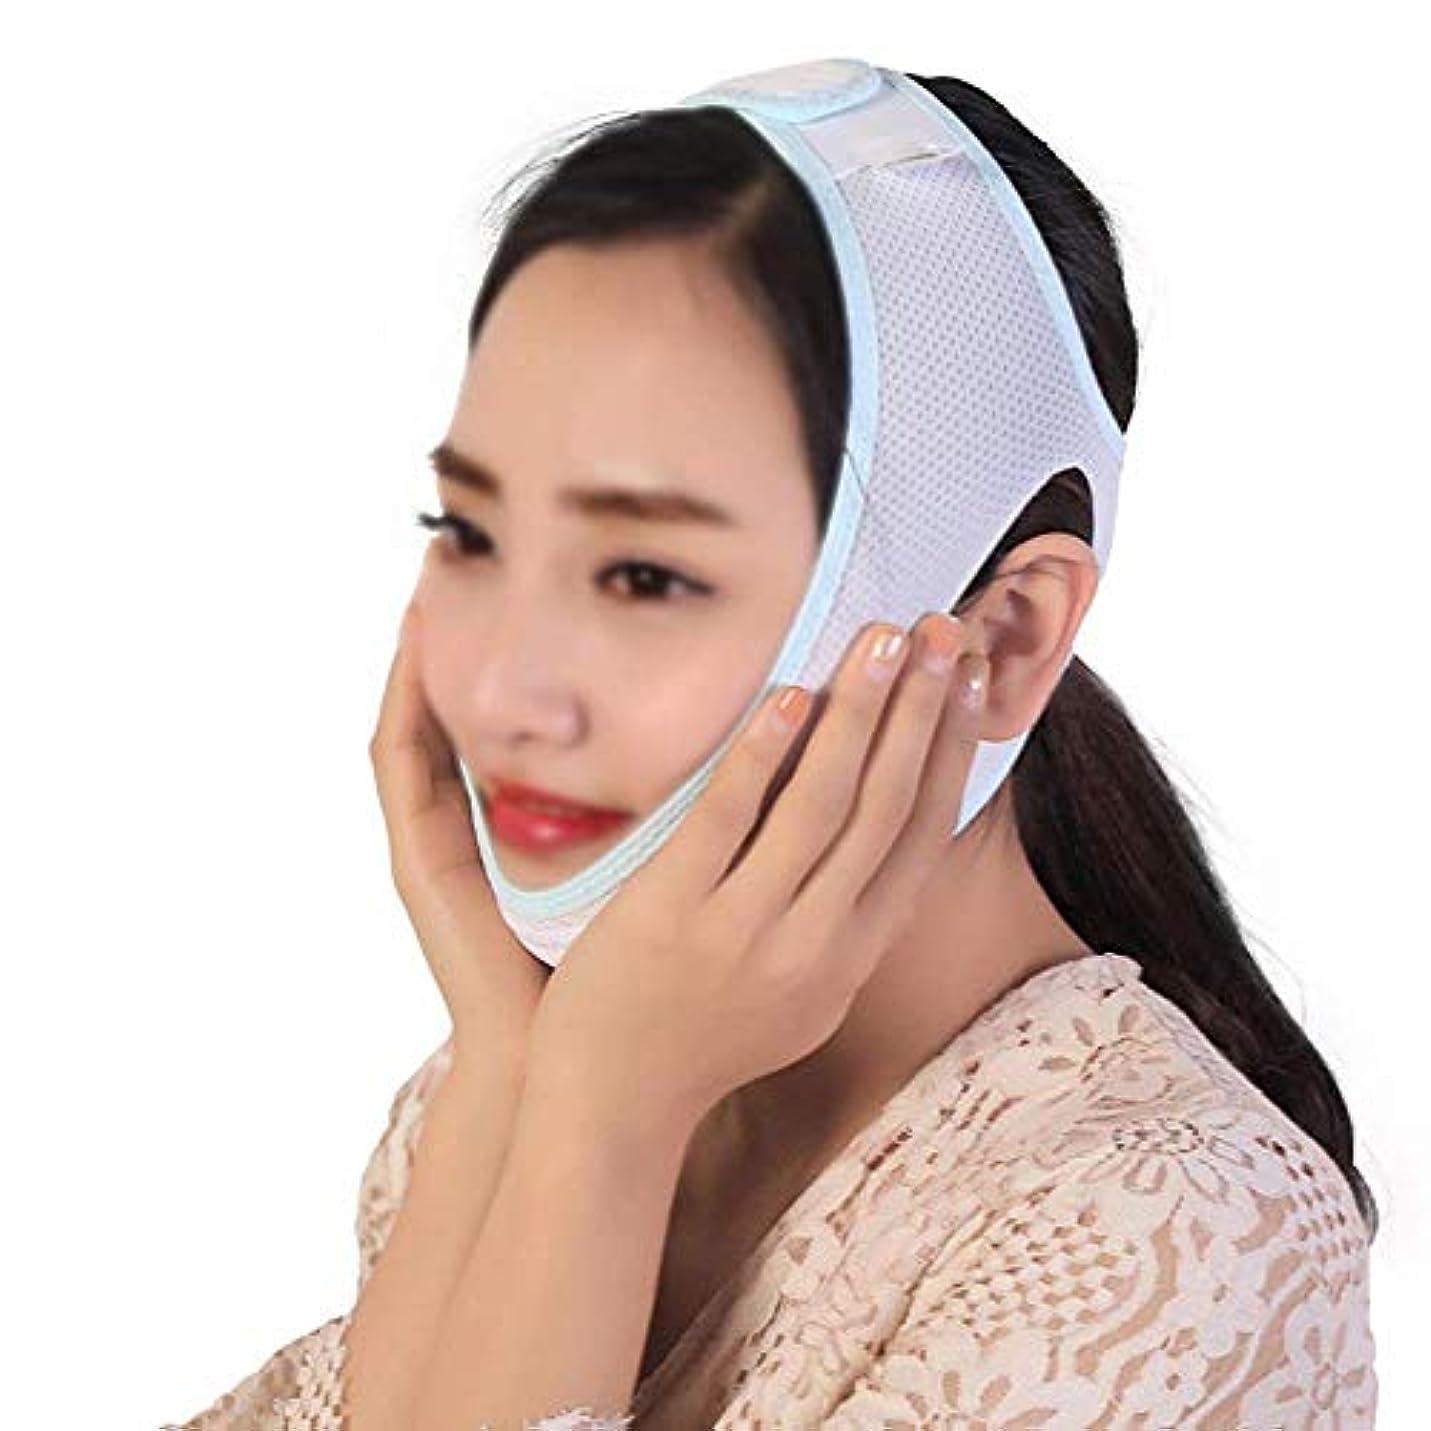 病院不忠船形ファーミングフェイスマスク、スモールVフェイスアーティファクトリフティングフェイスプラスチックフェイスマスクコンフォートアップグレード最適化フェイスカーブの向上包括的な 包帯(サイズ:L),ザ?